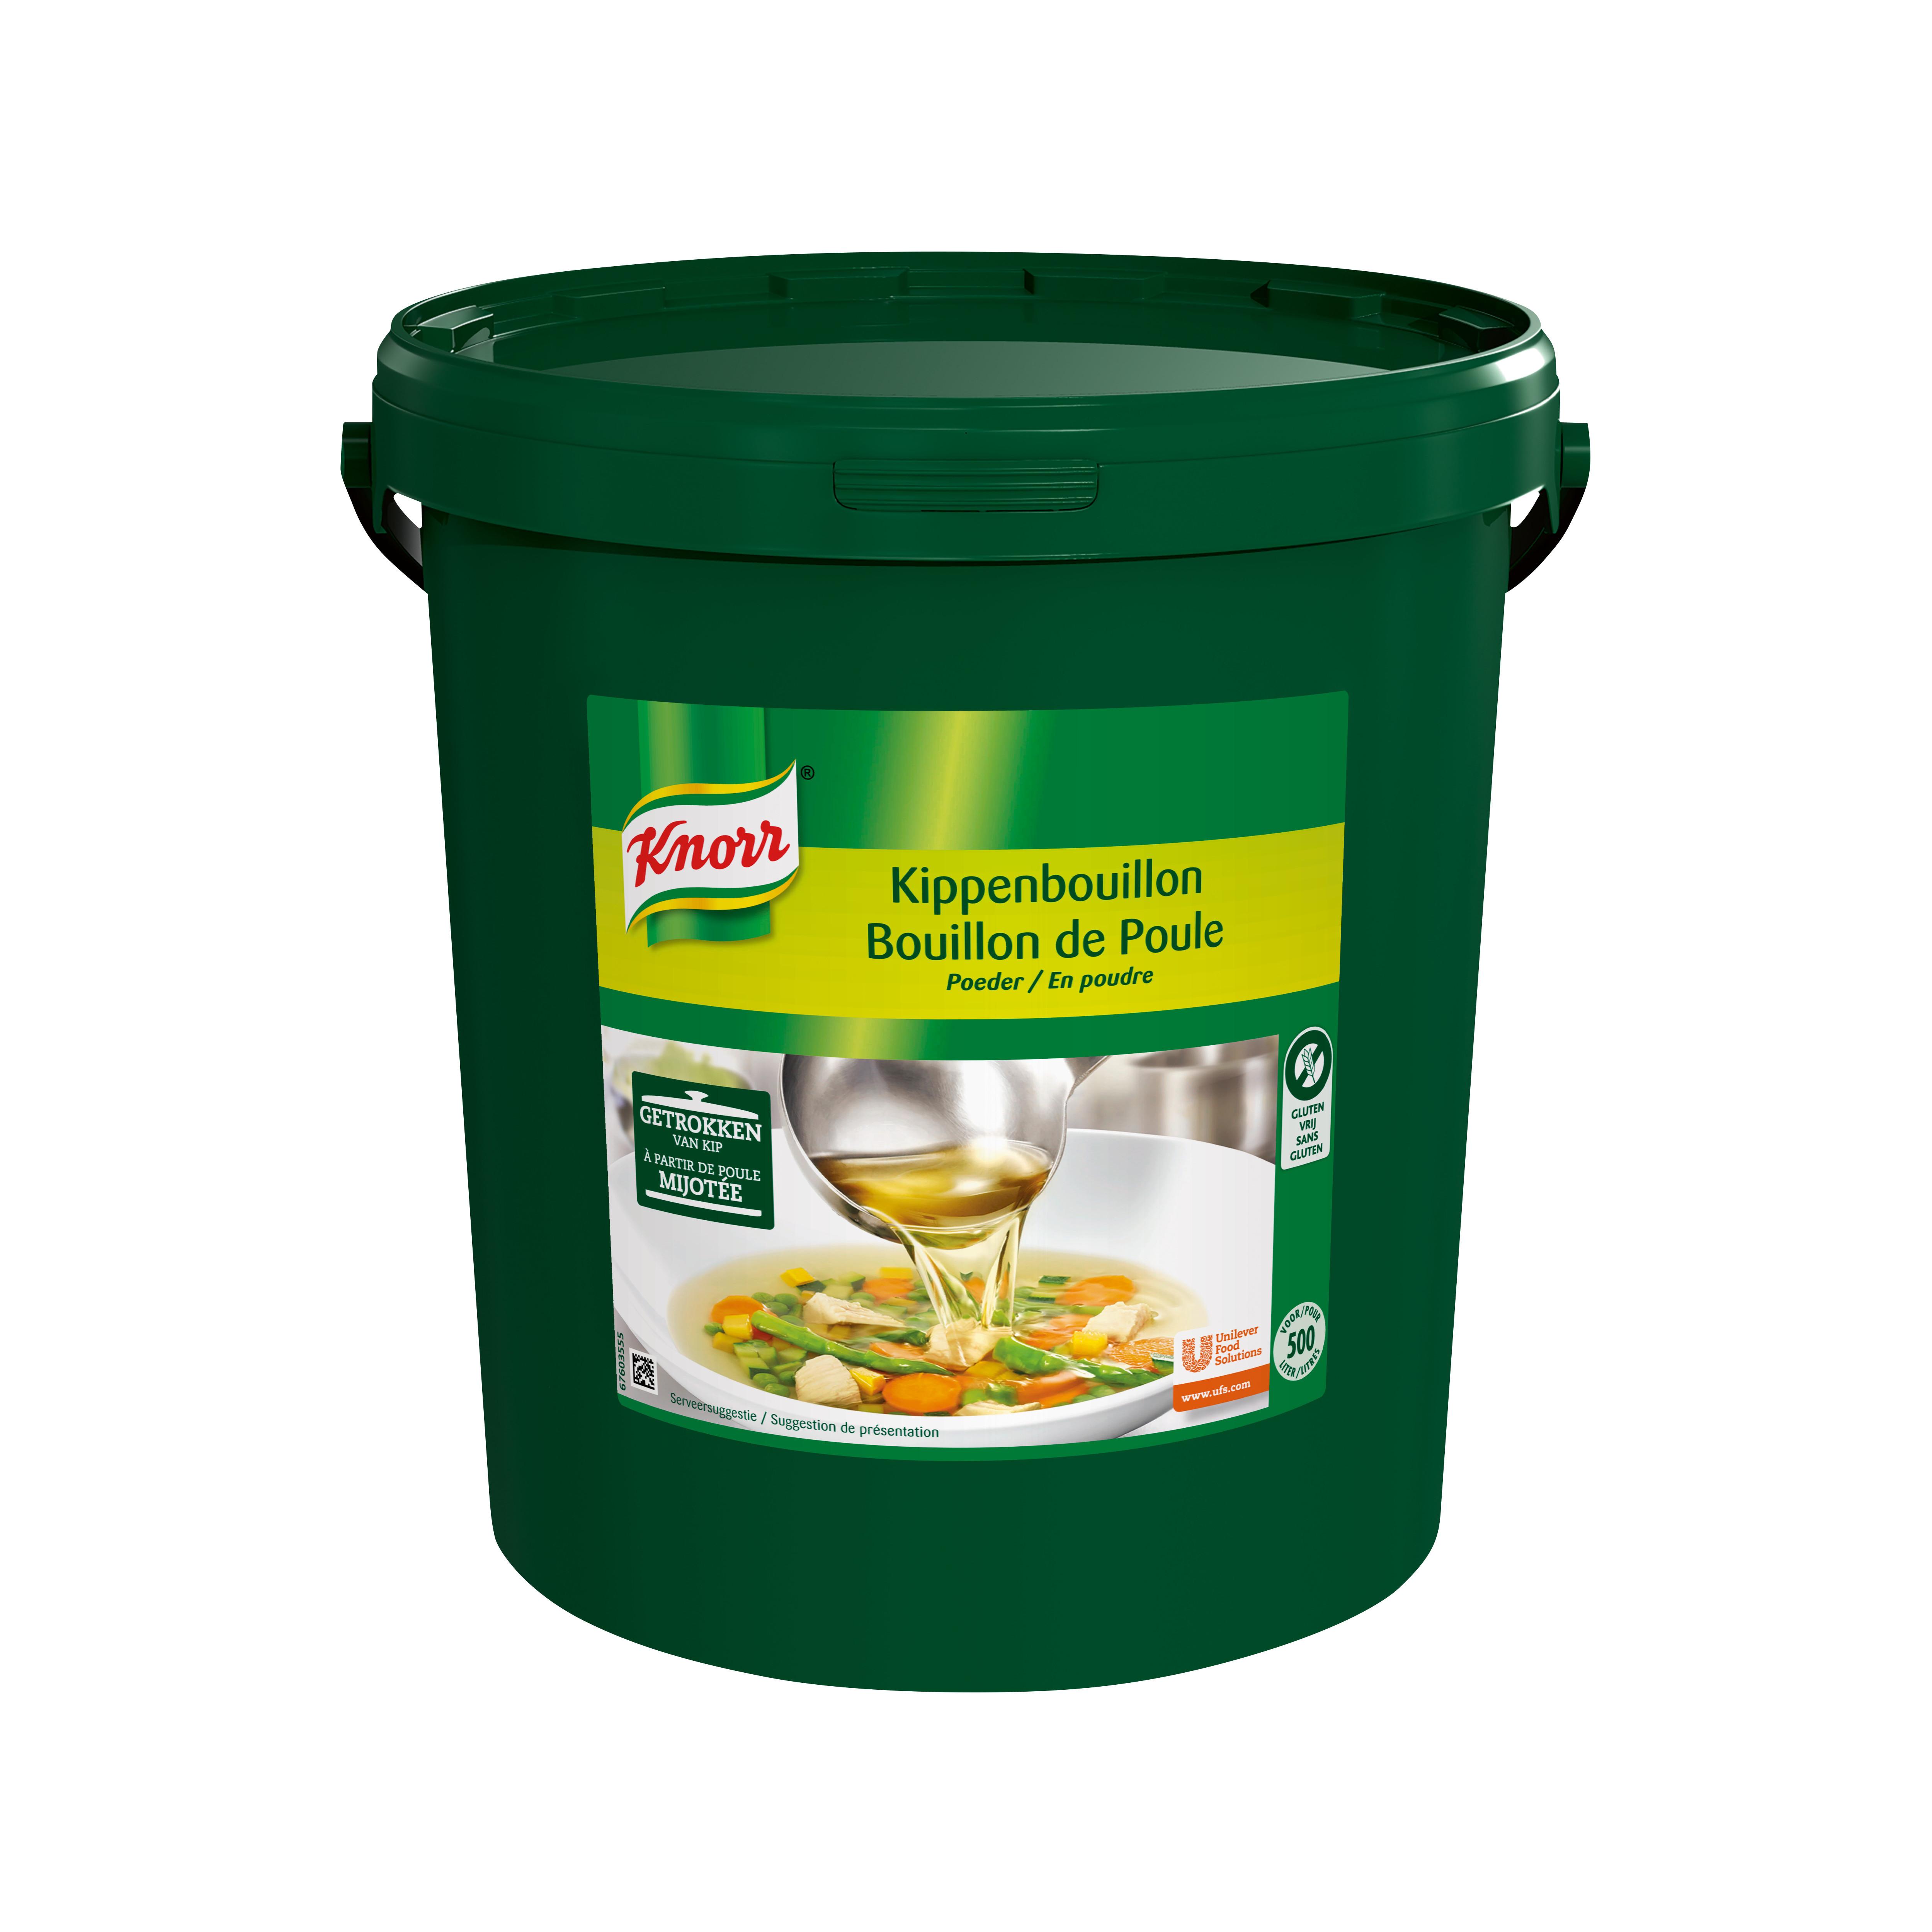 Knorr bouillon de poule en poudre 10kg seau